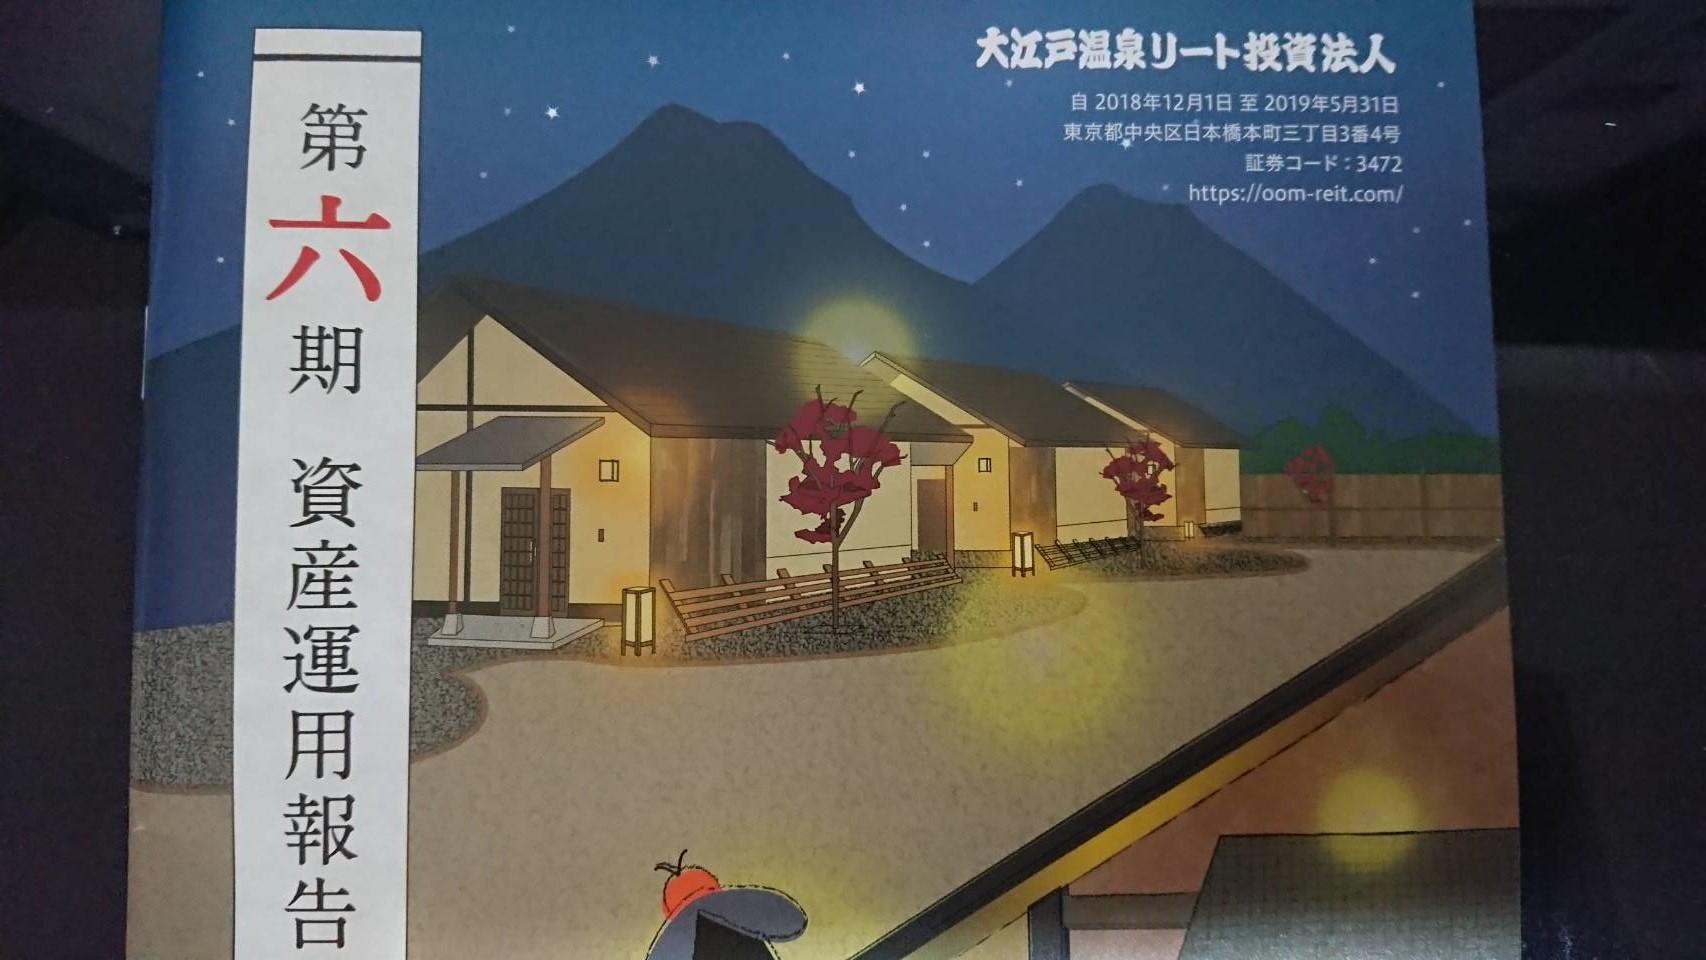 [3472]大江戸温泉リート投資法人から分配金を頂きました。